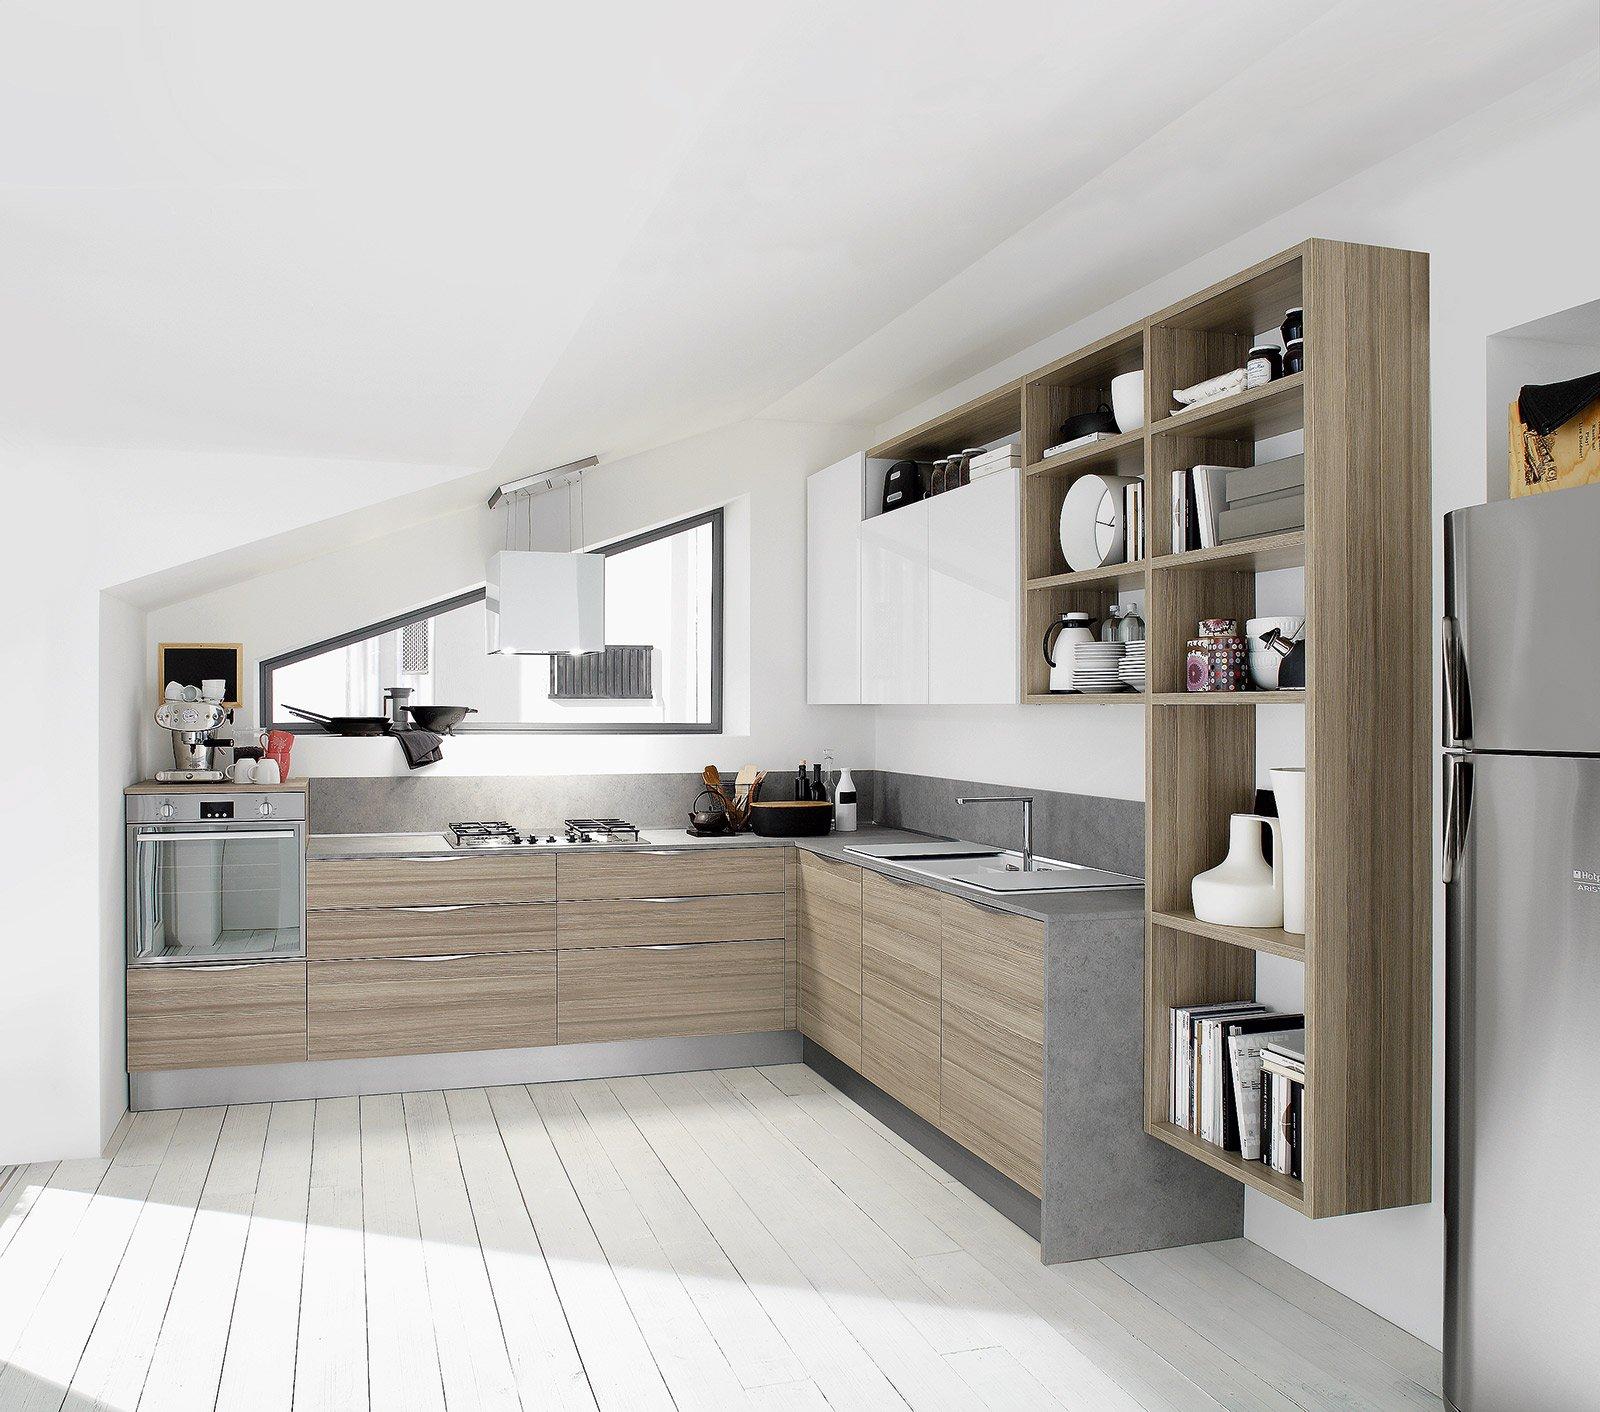 Cucine Moderne Piccole Ad Angolo Stosa Cucine Cucine Moderne Cucine